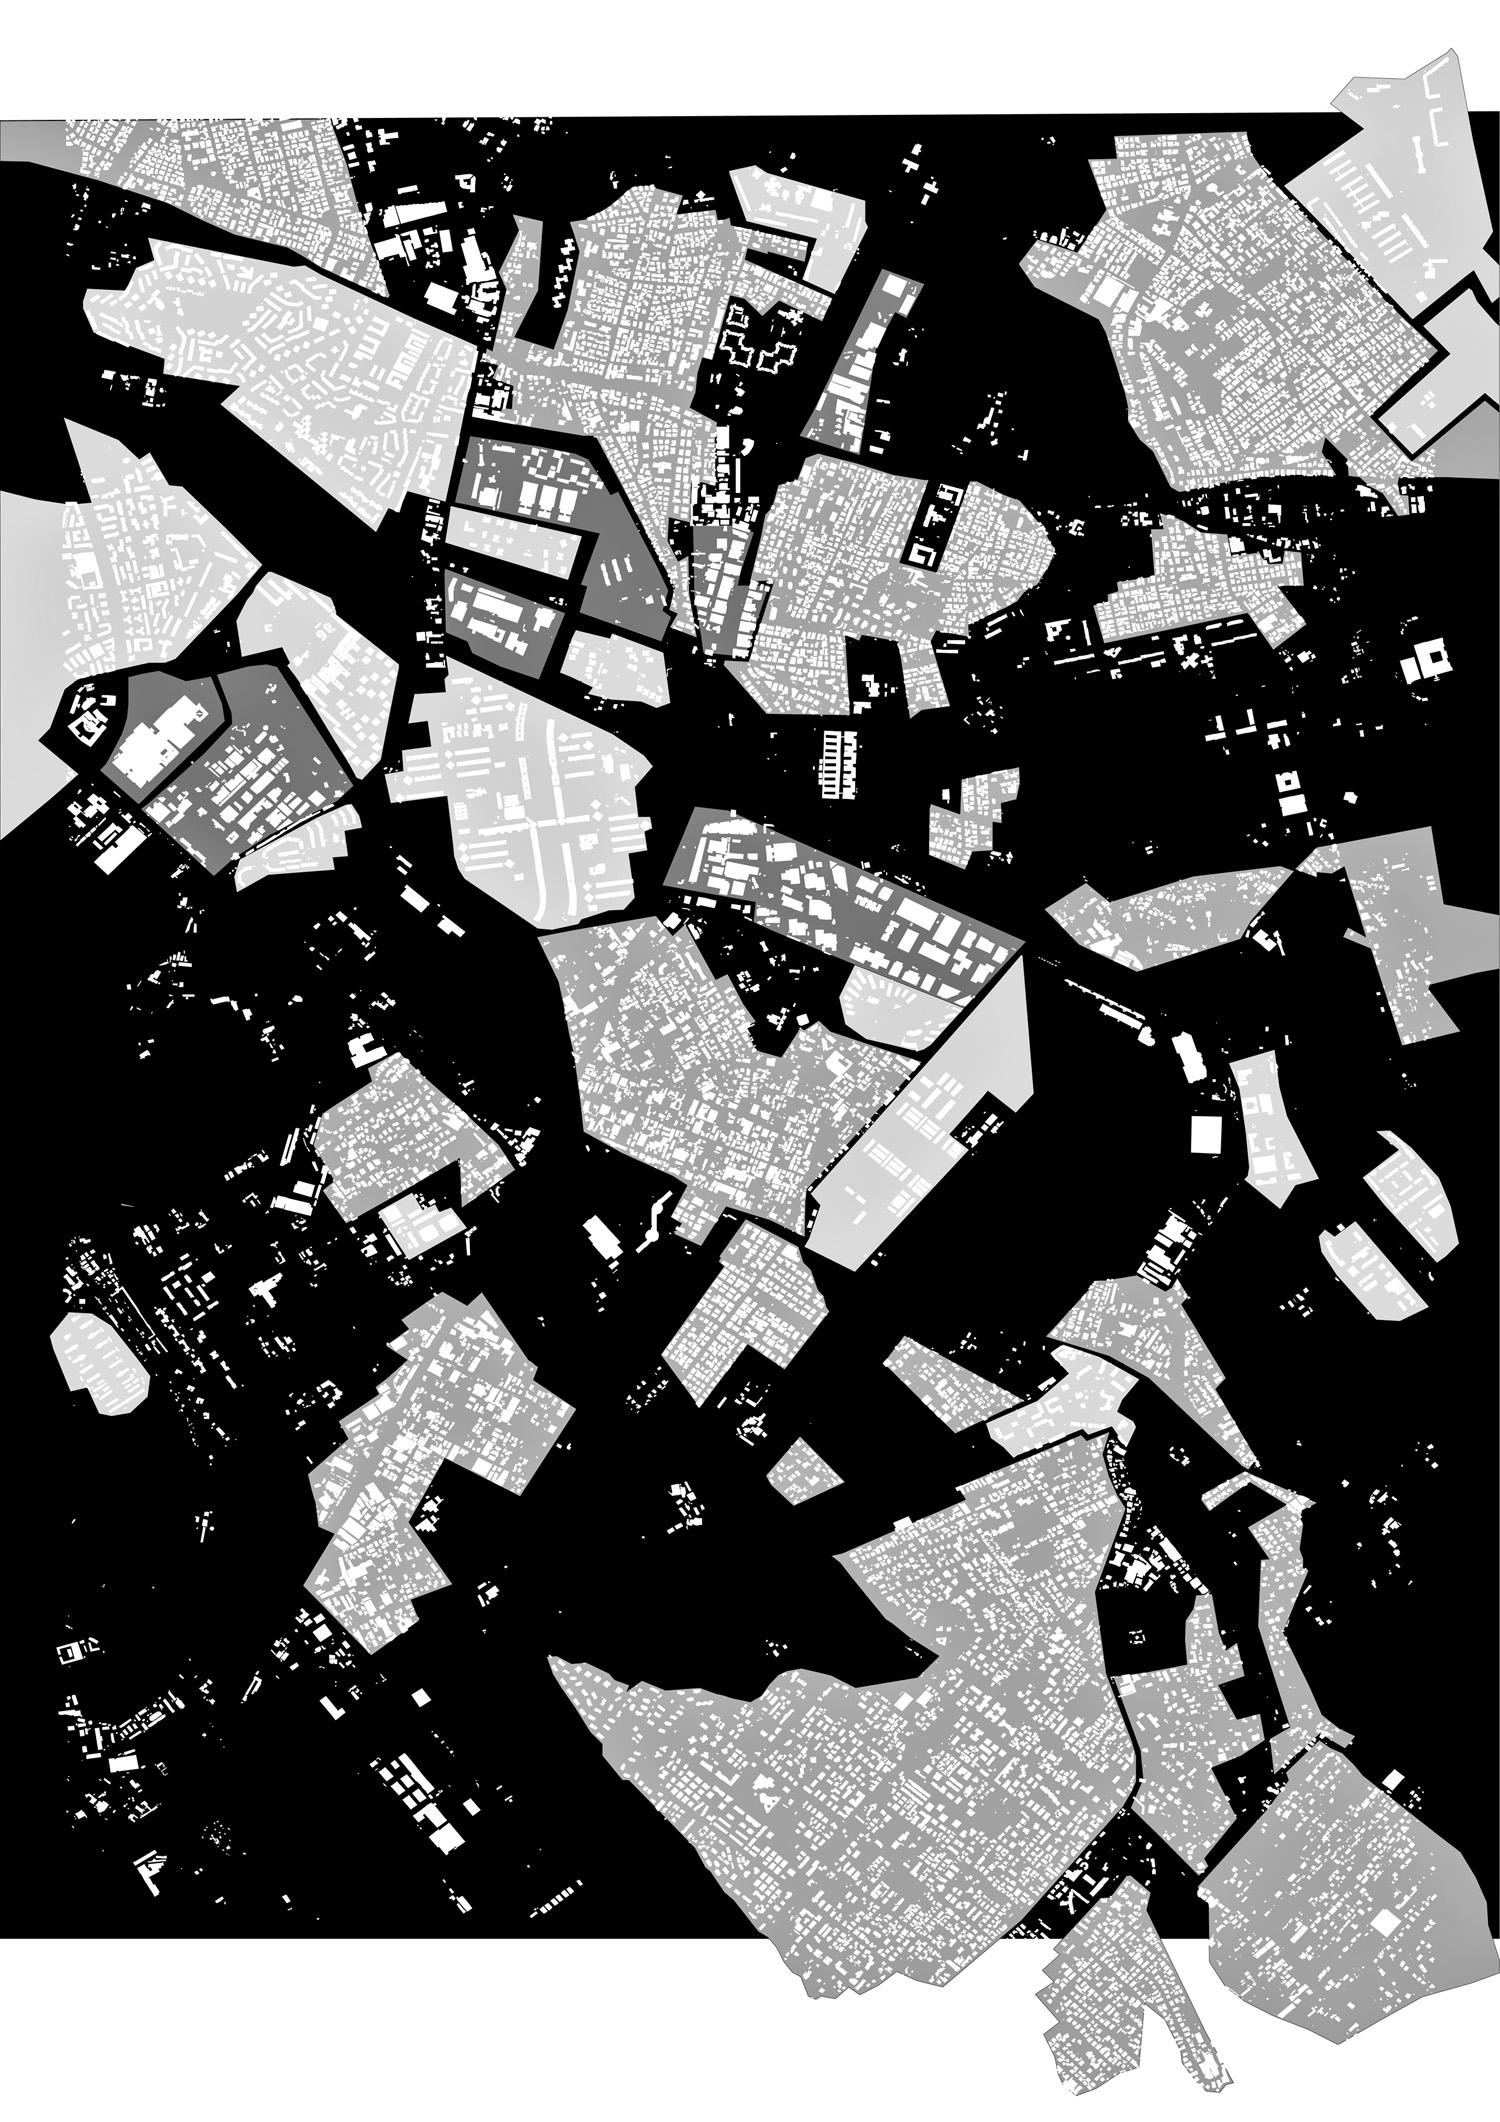 Courtesy of Carmen Andriani Progetto per la Nuova Centralità Urbana Metropolitana a Romanina, Carmen Andriani (capogruppo) con Cristina Bianchetti, Giangiacomo d'Ardia, Aurelio Marchionna, Roma, 2004-2006